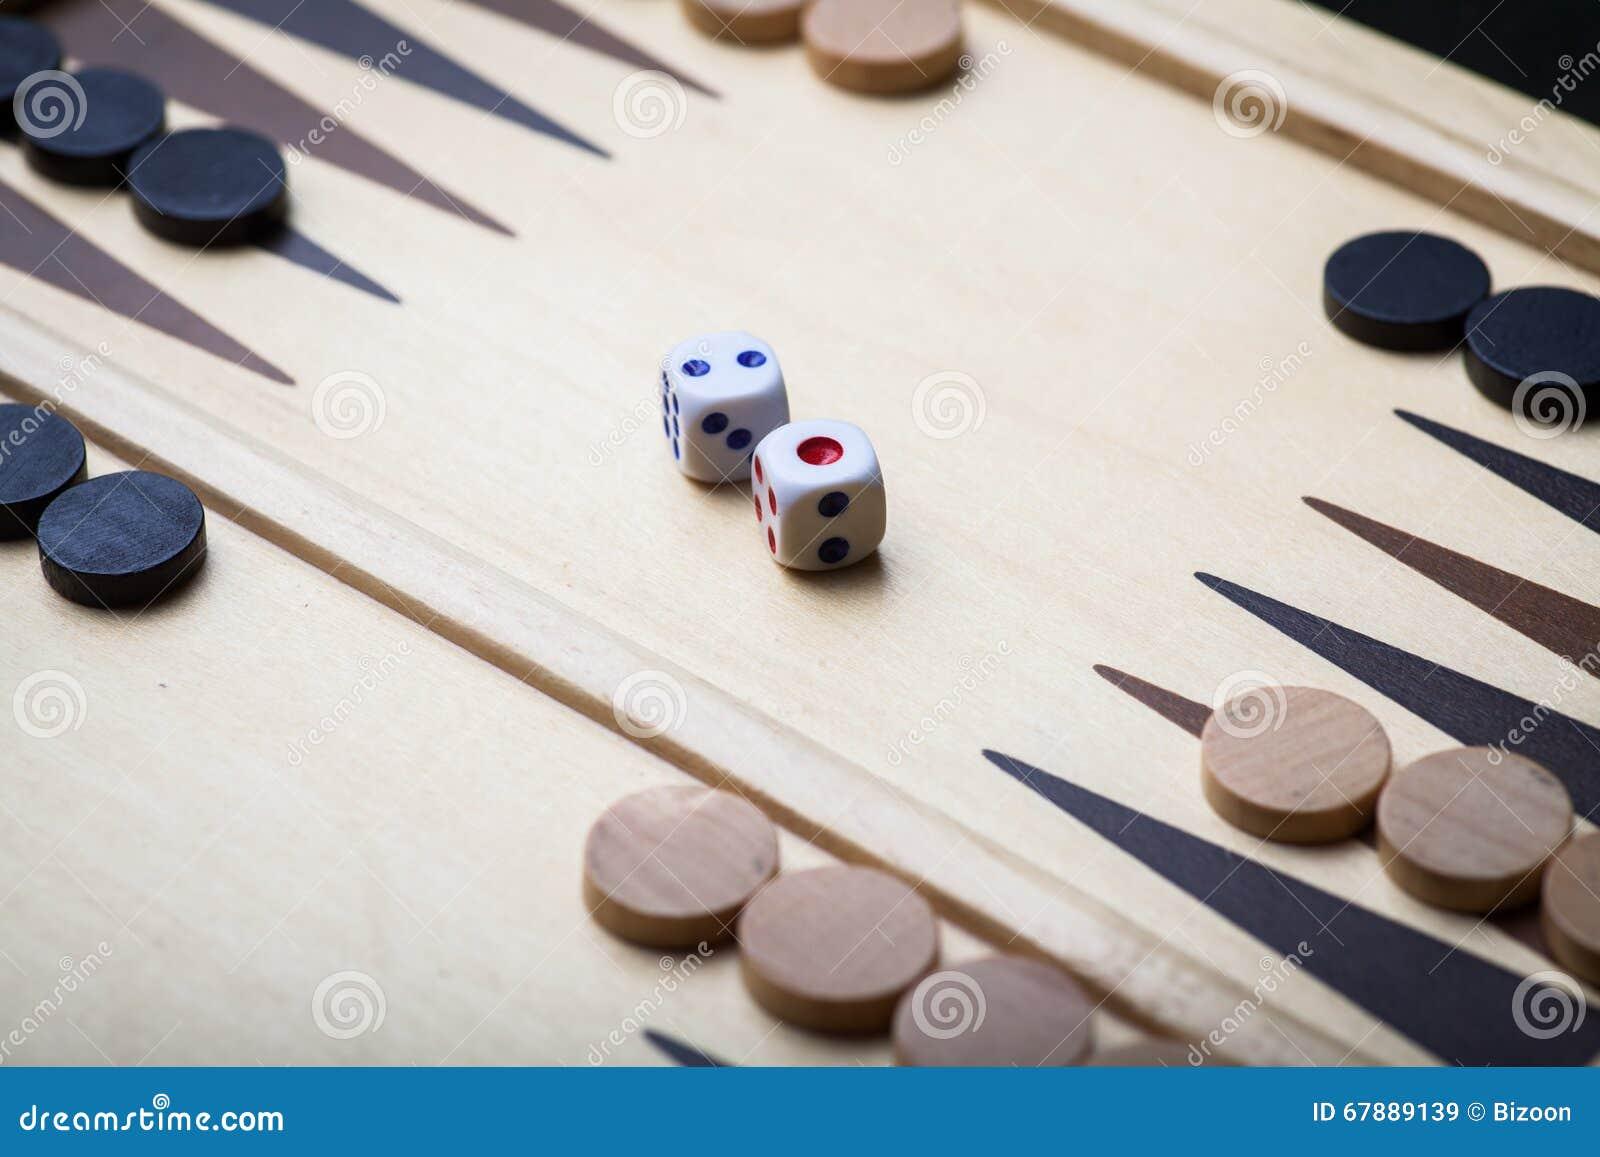 西洋双陆棋板和彀子